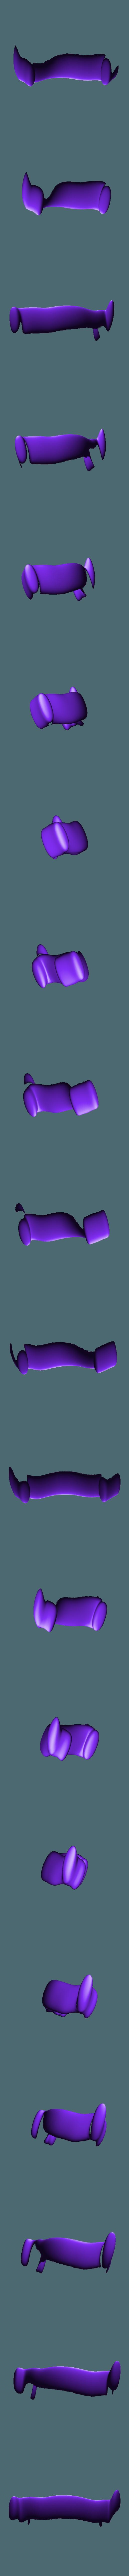 mouth_black.stl Télécharger fichier STL gratuit Koala (de la série animée Pucca) MMU • Objet à imprimer en 3D, Jangie